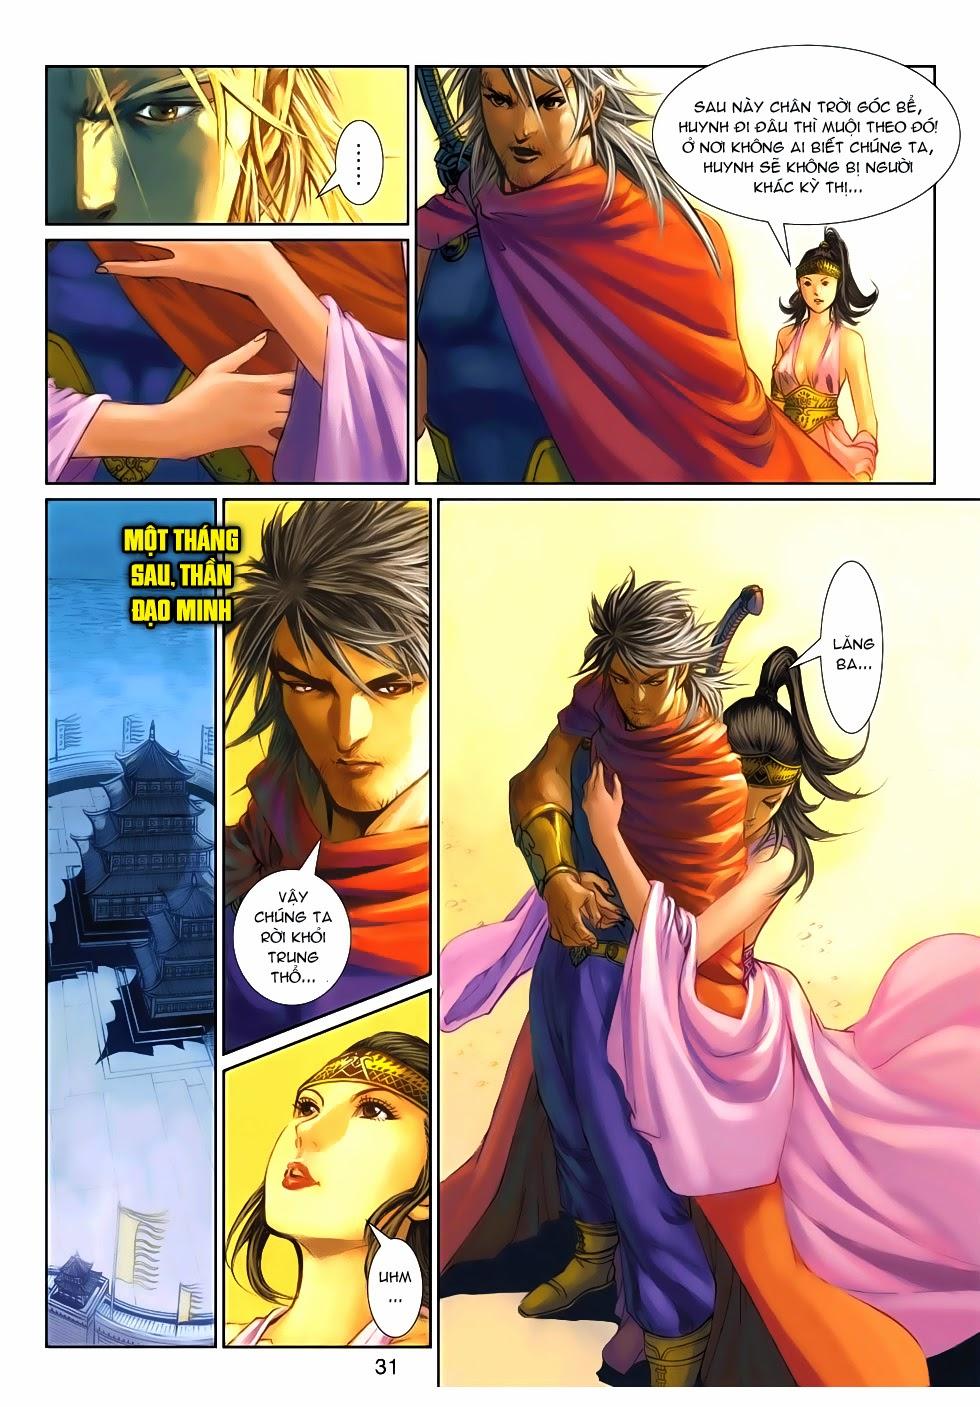 Thần Binh Tiền Truyện 4 - Huyền Thiên Tà Đế chap 9 - Trang 31